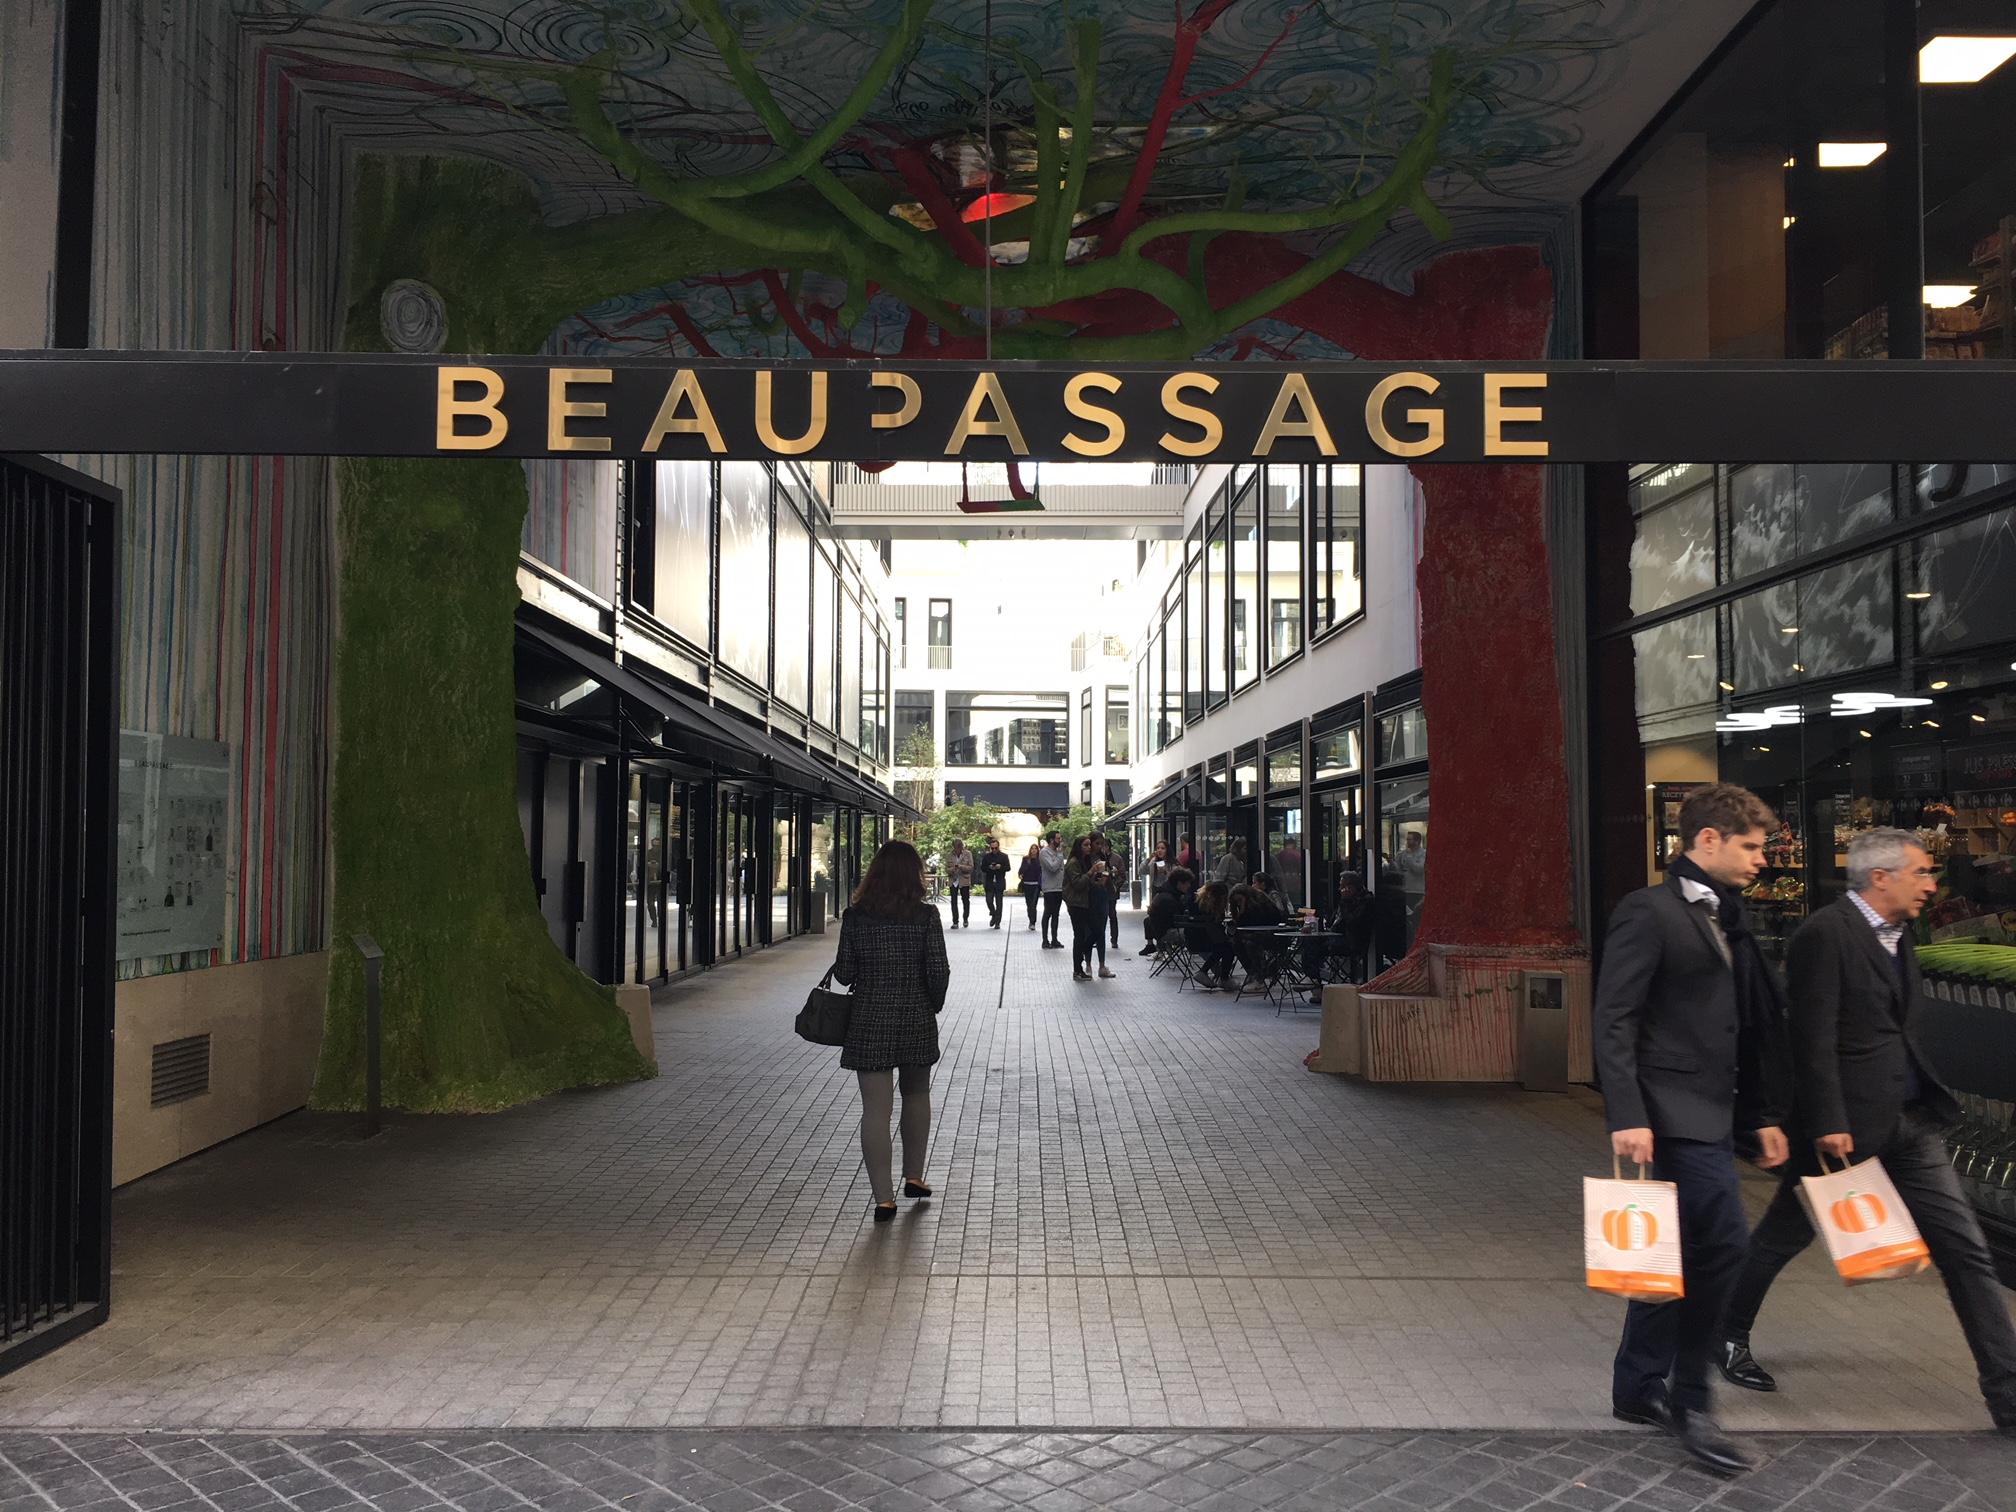 日々を豊かにするパリ左岸の新名所 、Beaupassage(ボーパッサージュ)。